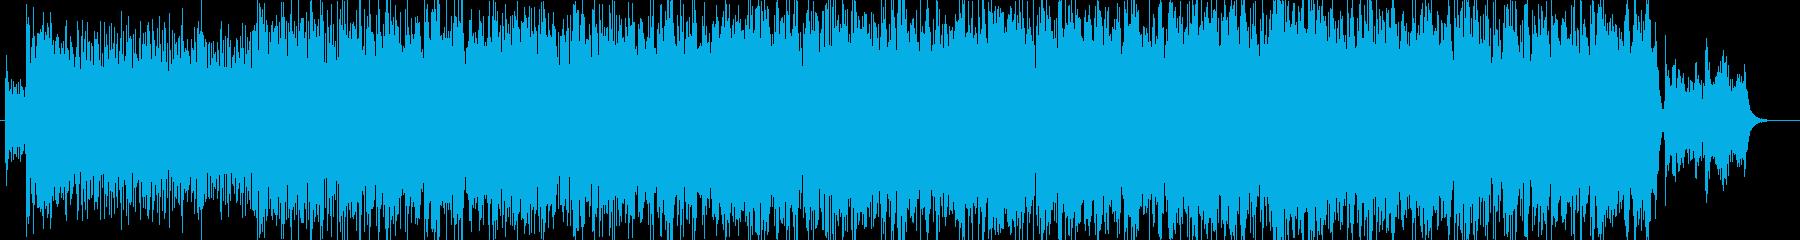 熱狂の洋楽ゴスペルライブの再生済みの波形